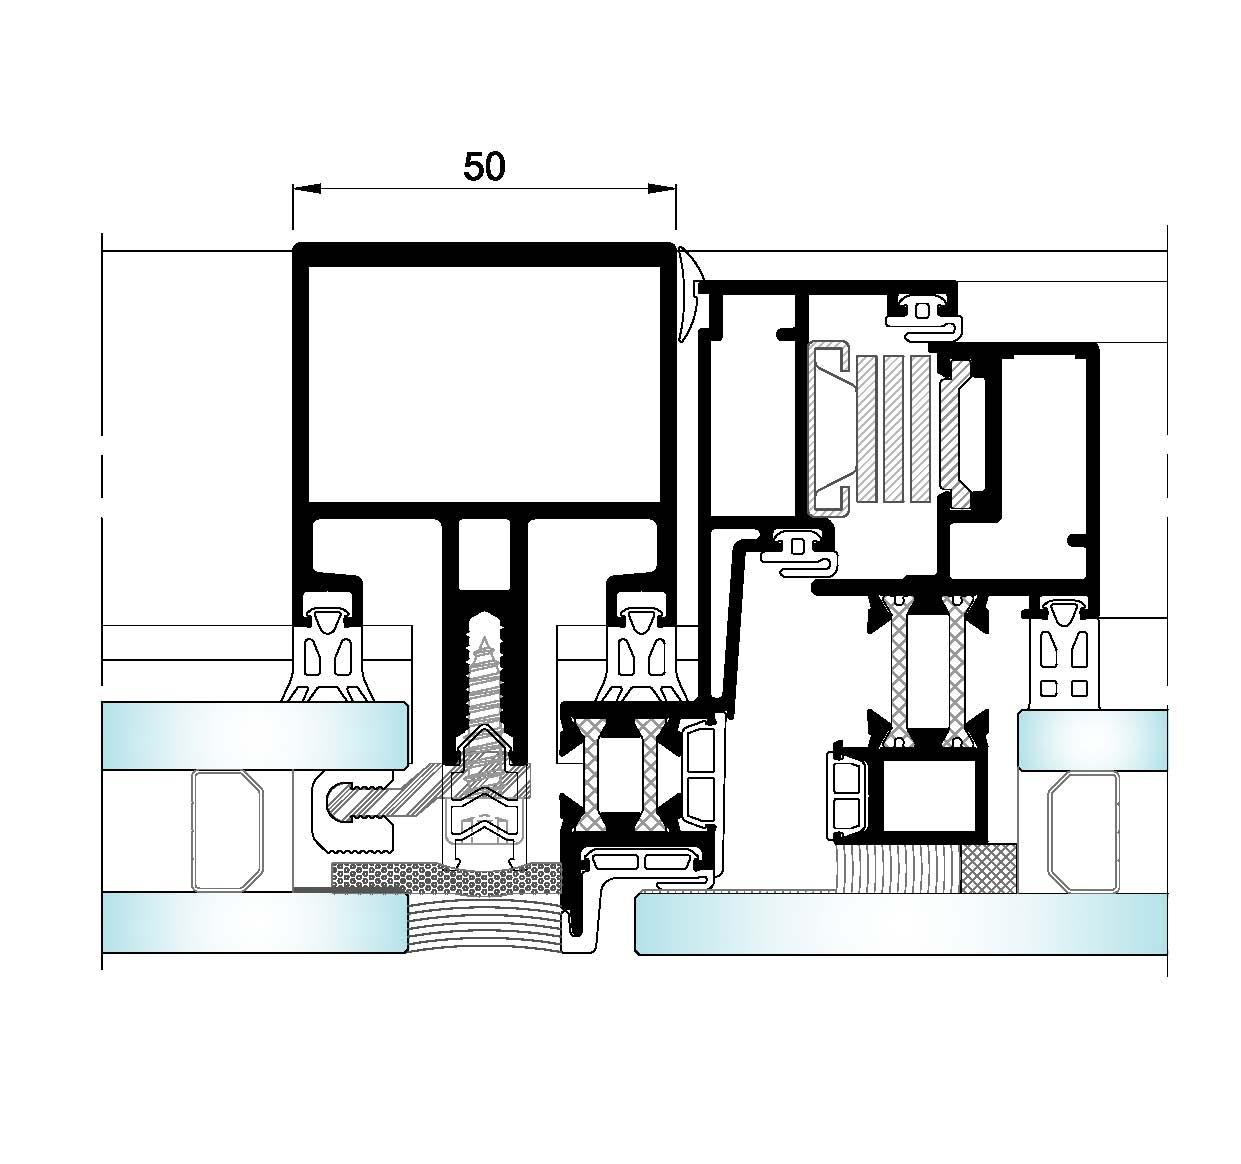 AL50 Intercalario-Seccion horizontal fijo-ventana